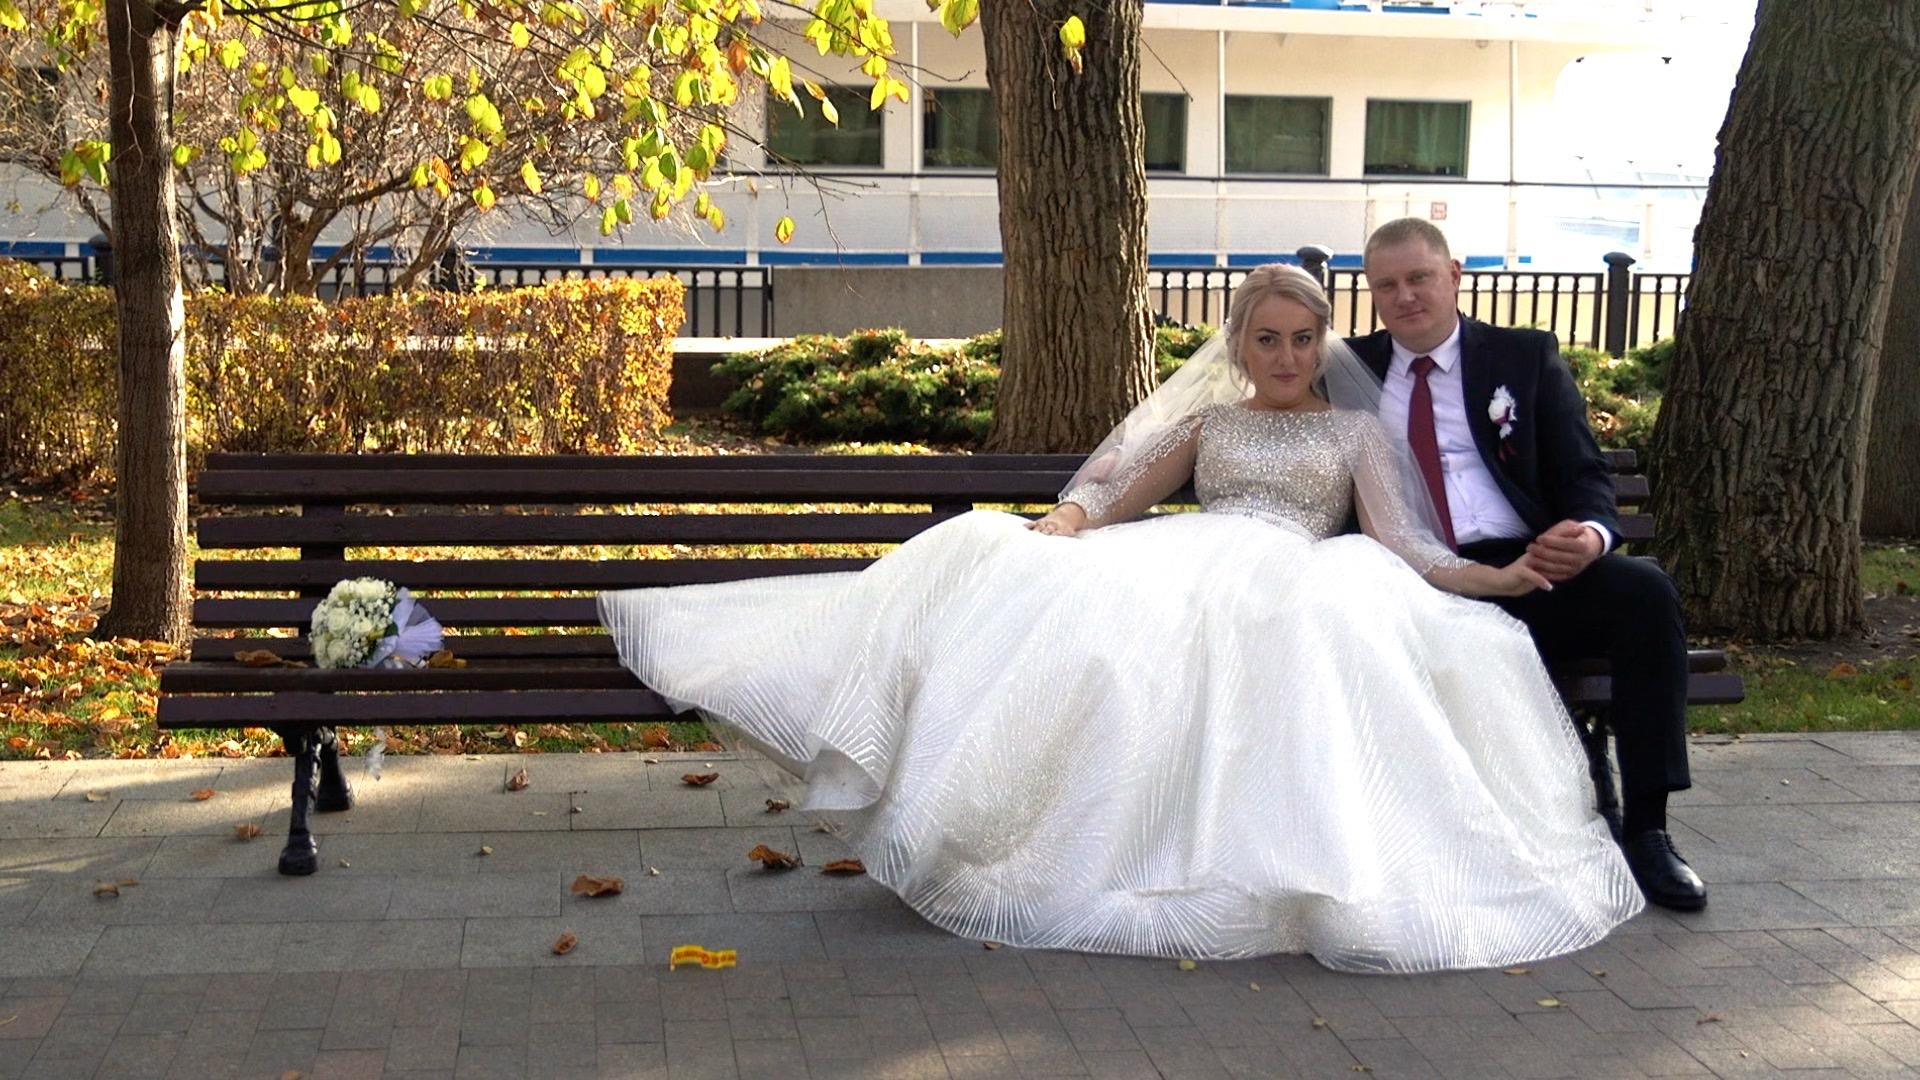 Видеосъемка свадьбы на прогулке34579-=